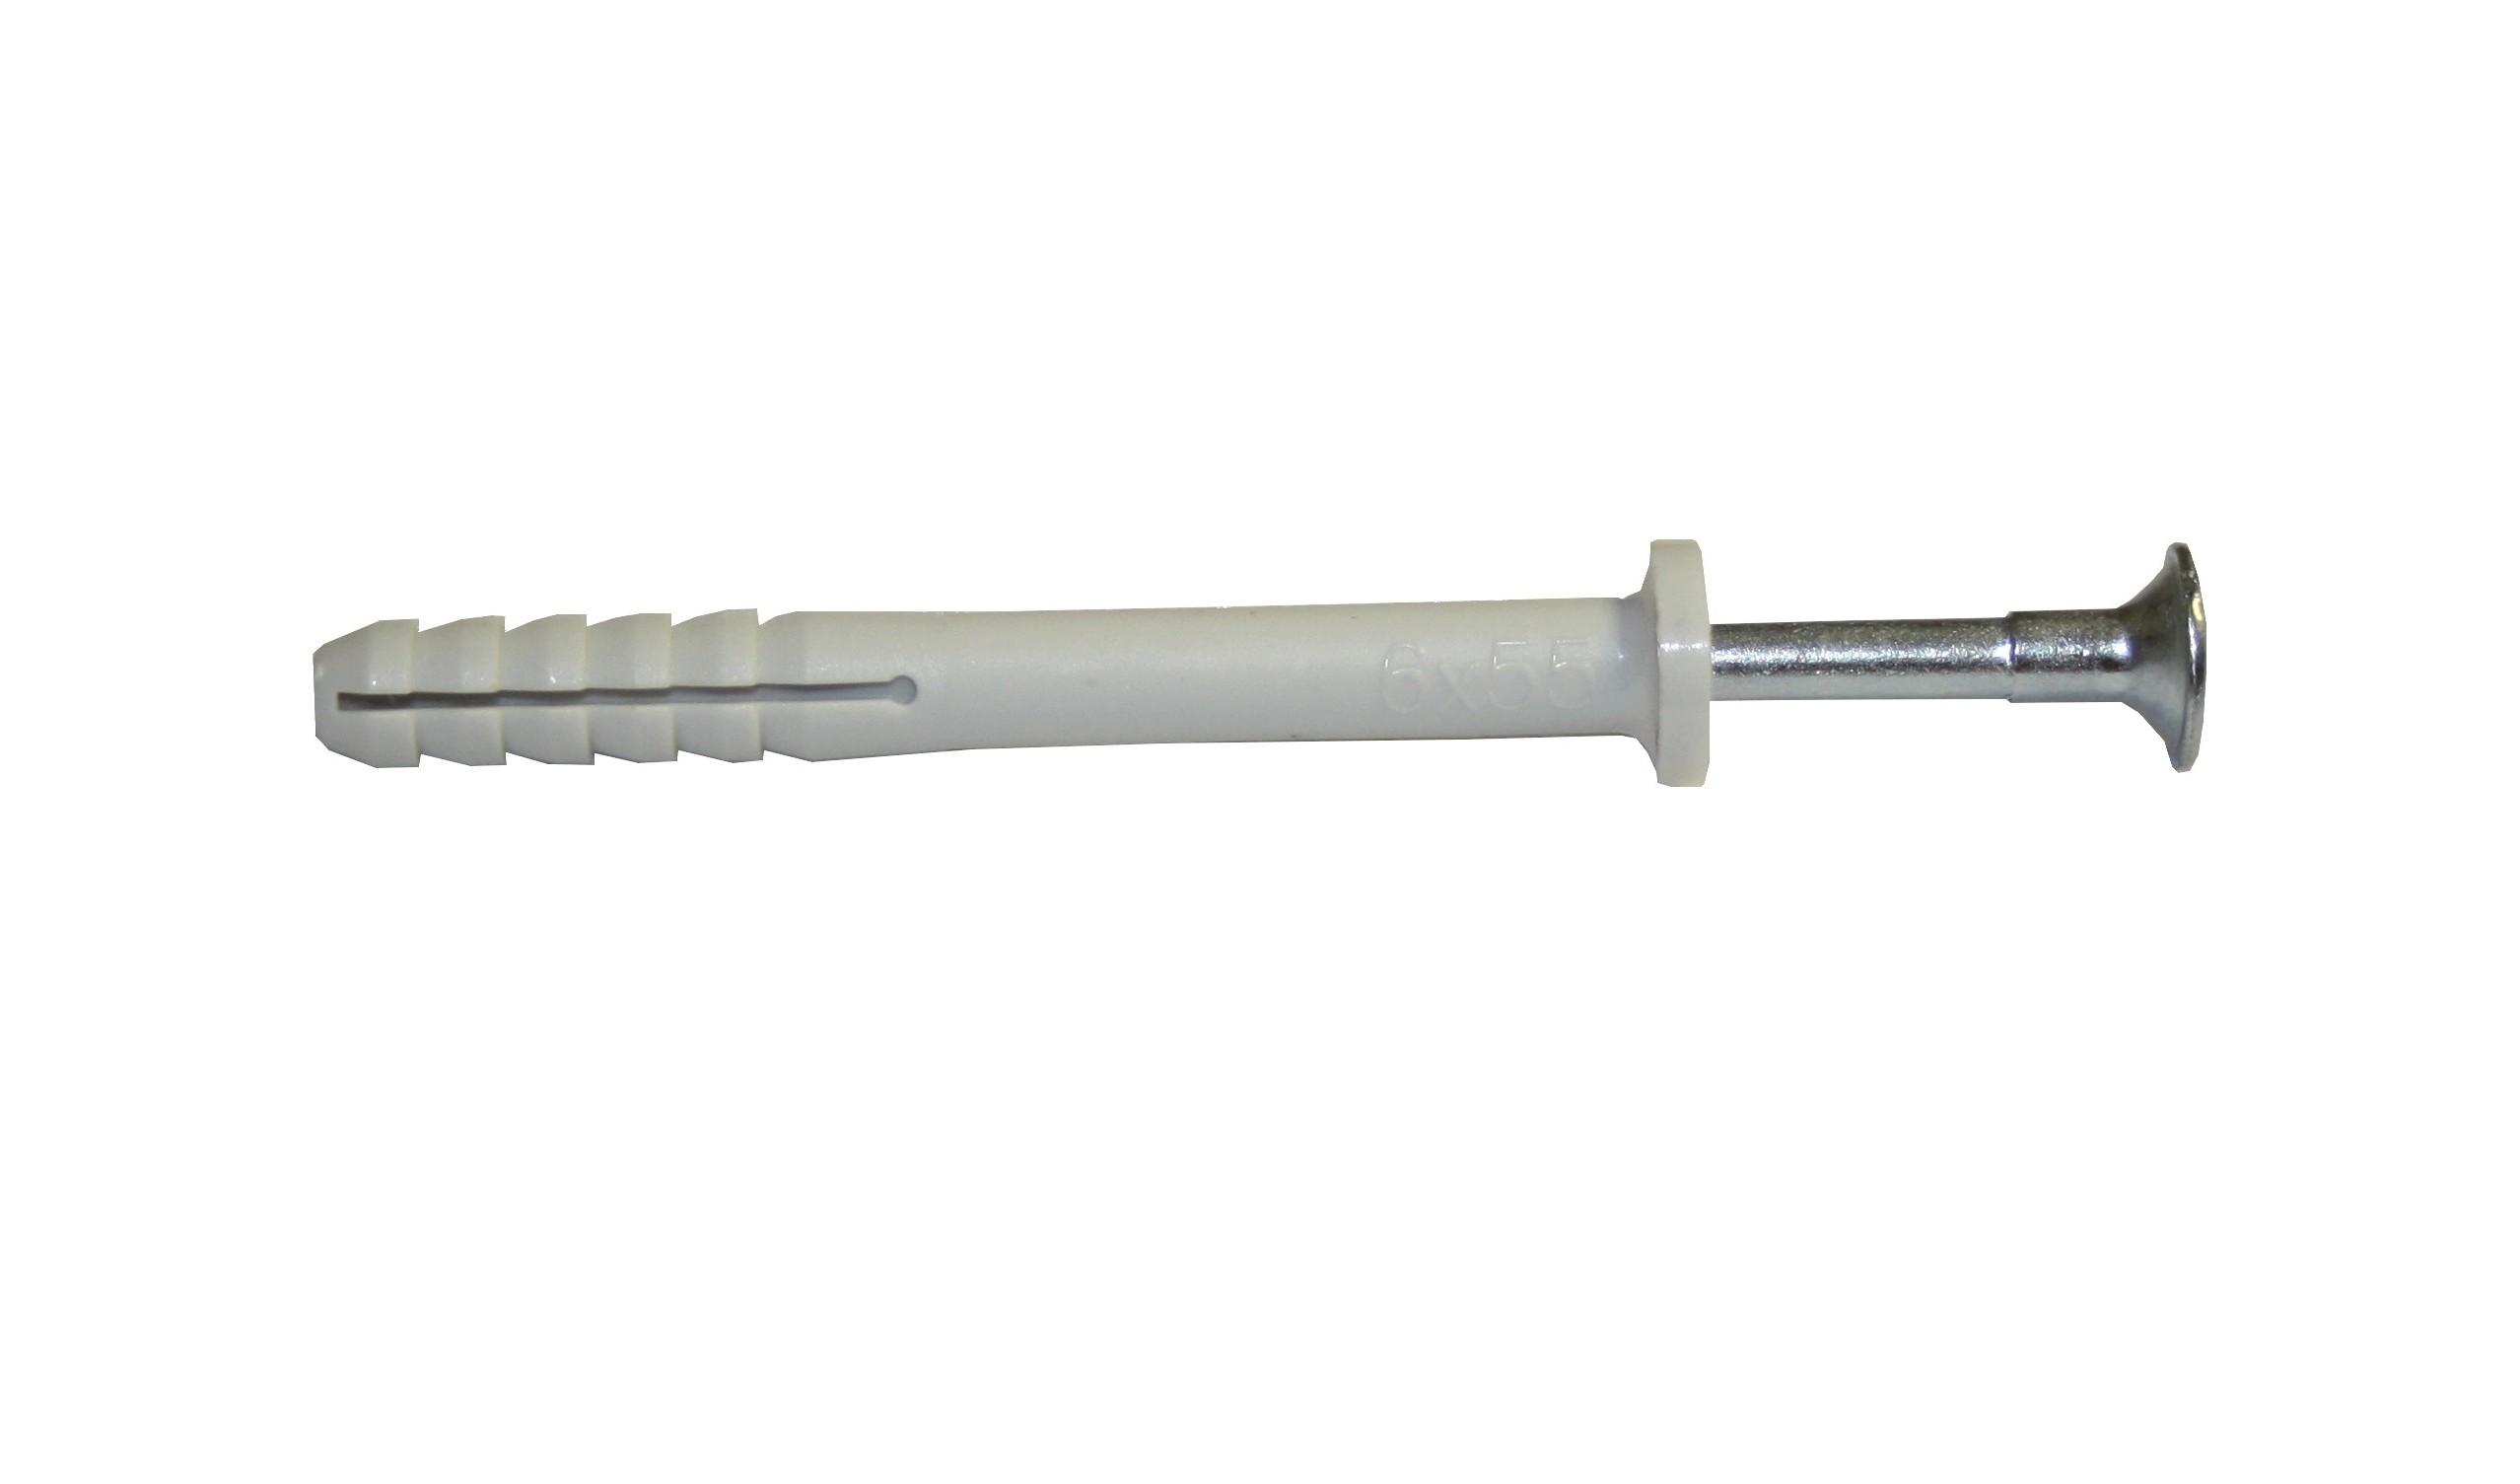 Hmoždinka natloukací 6x55mm plochá, nylon